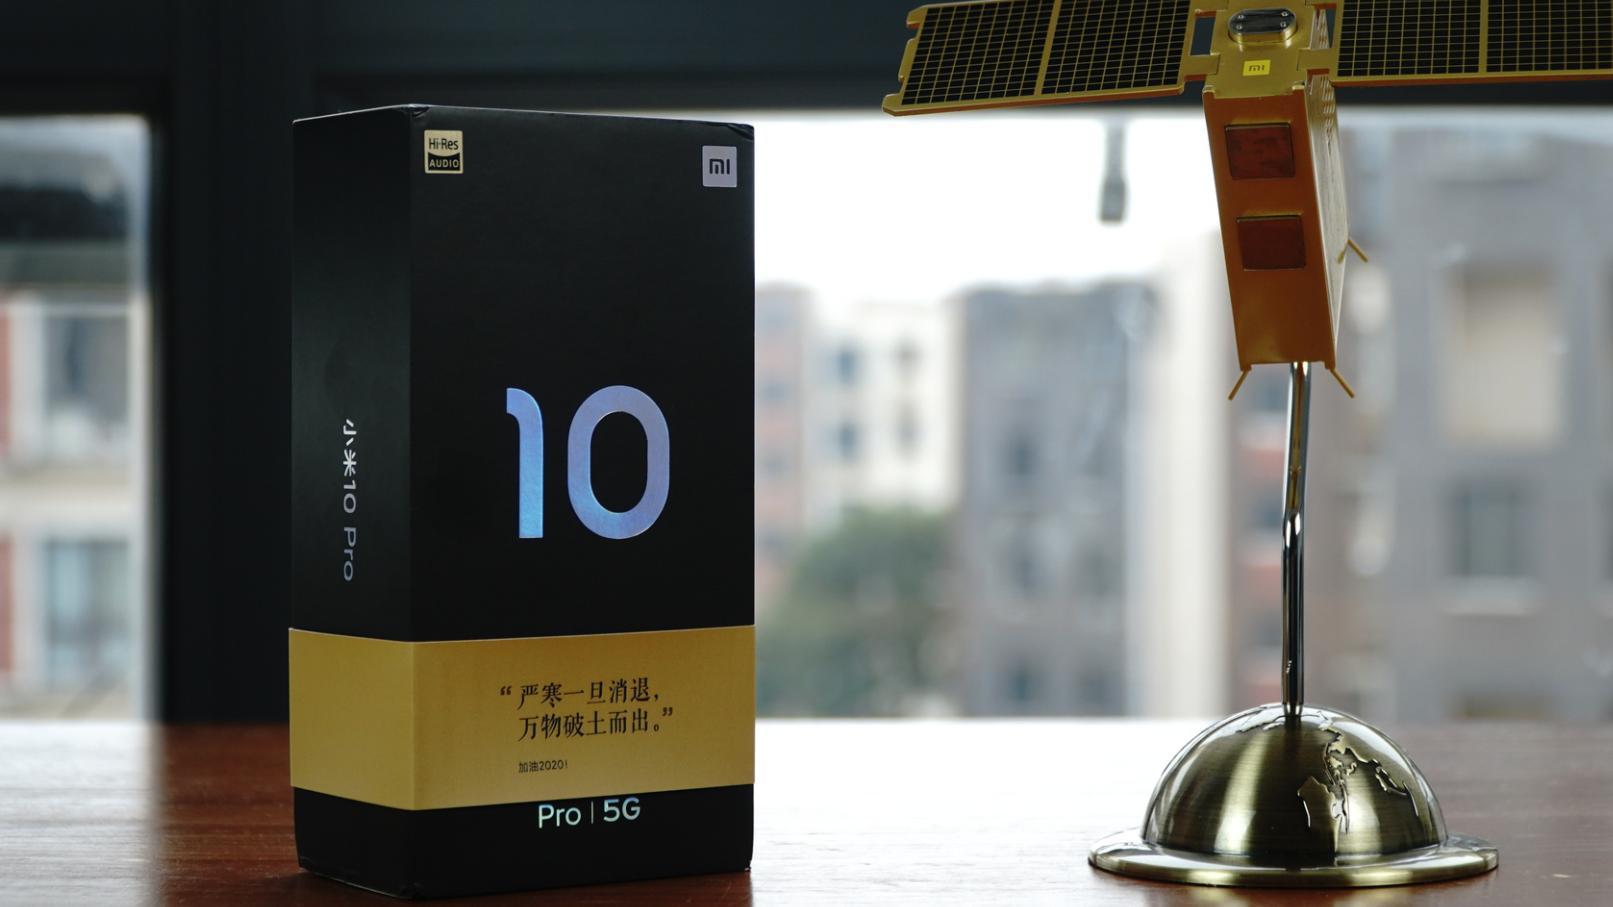 雷军都不敢相信,小米10 Pro一天卖10万台打脸做不了高端